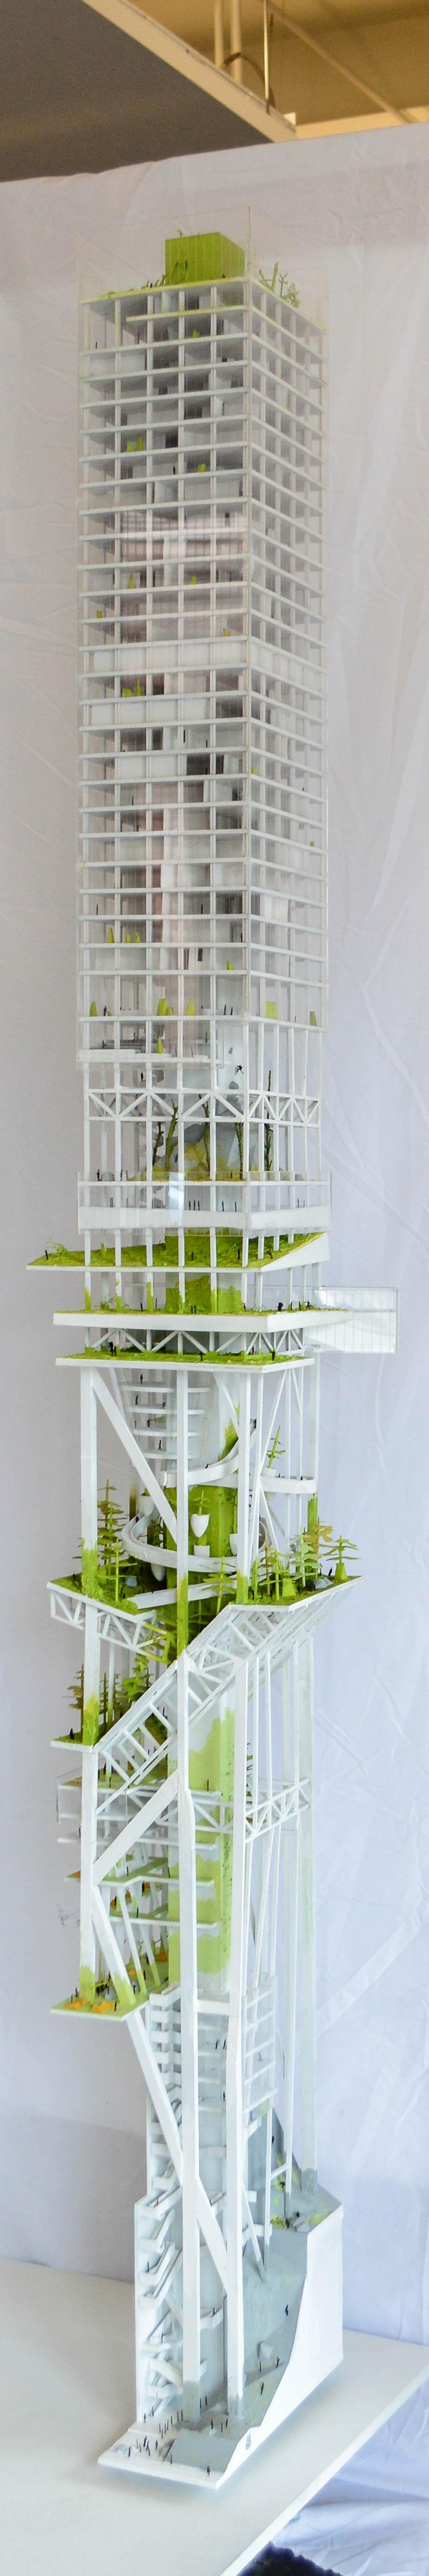 verticaltower-2.jpg